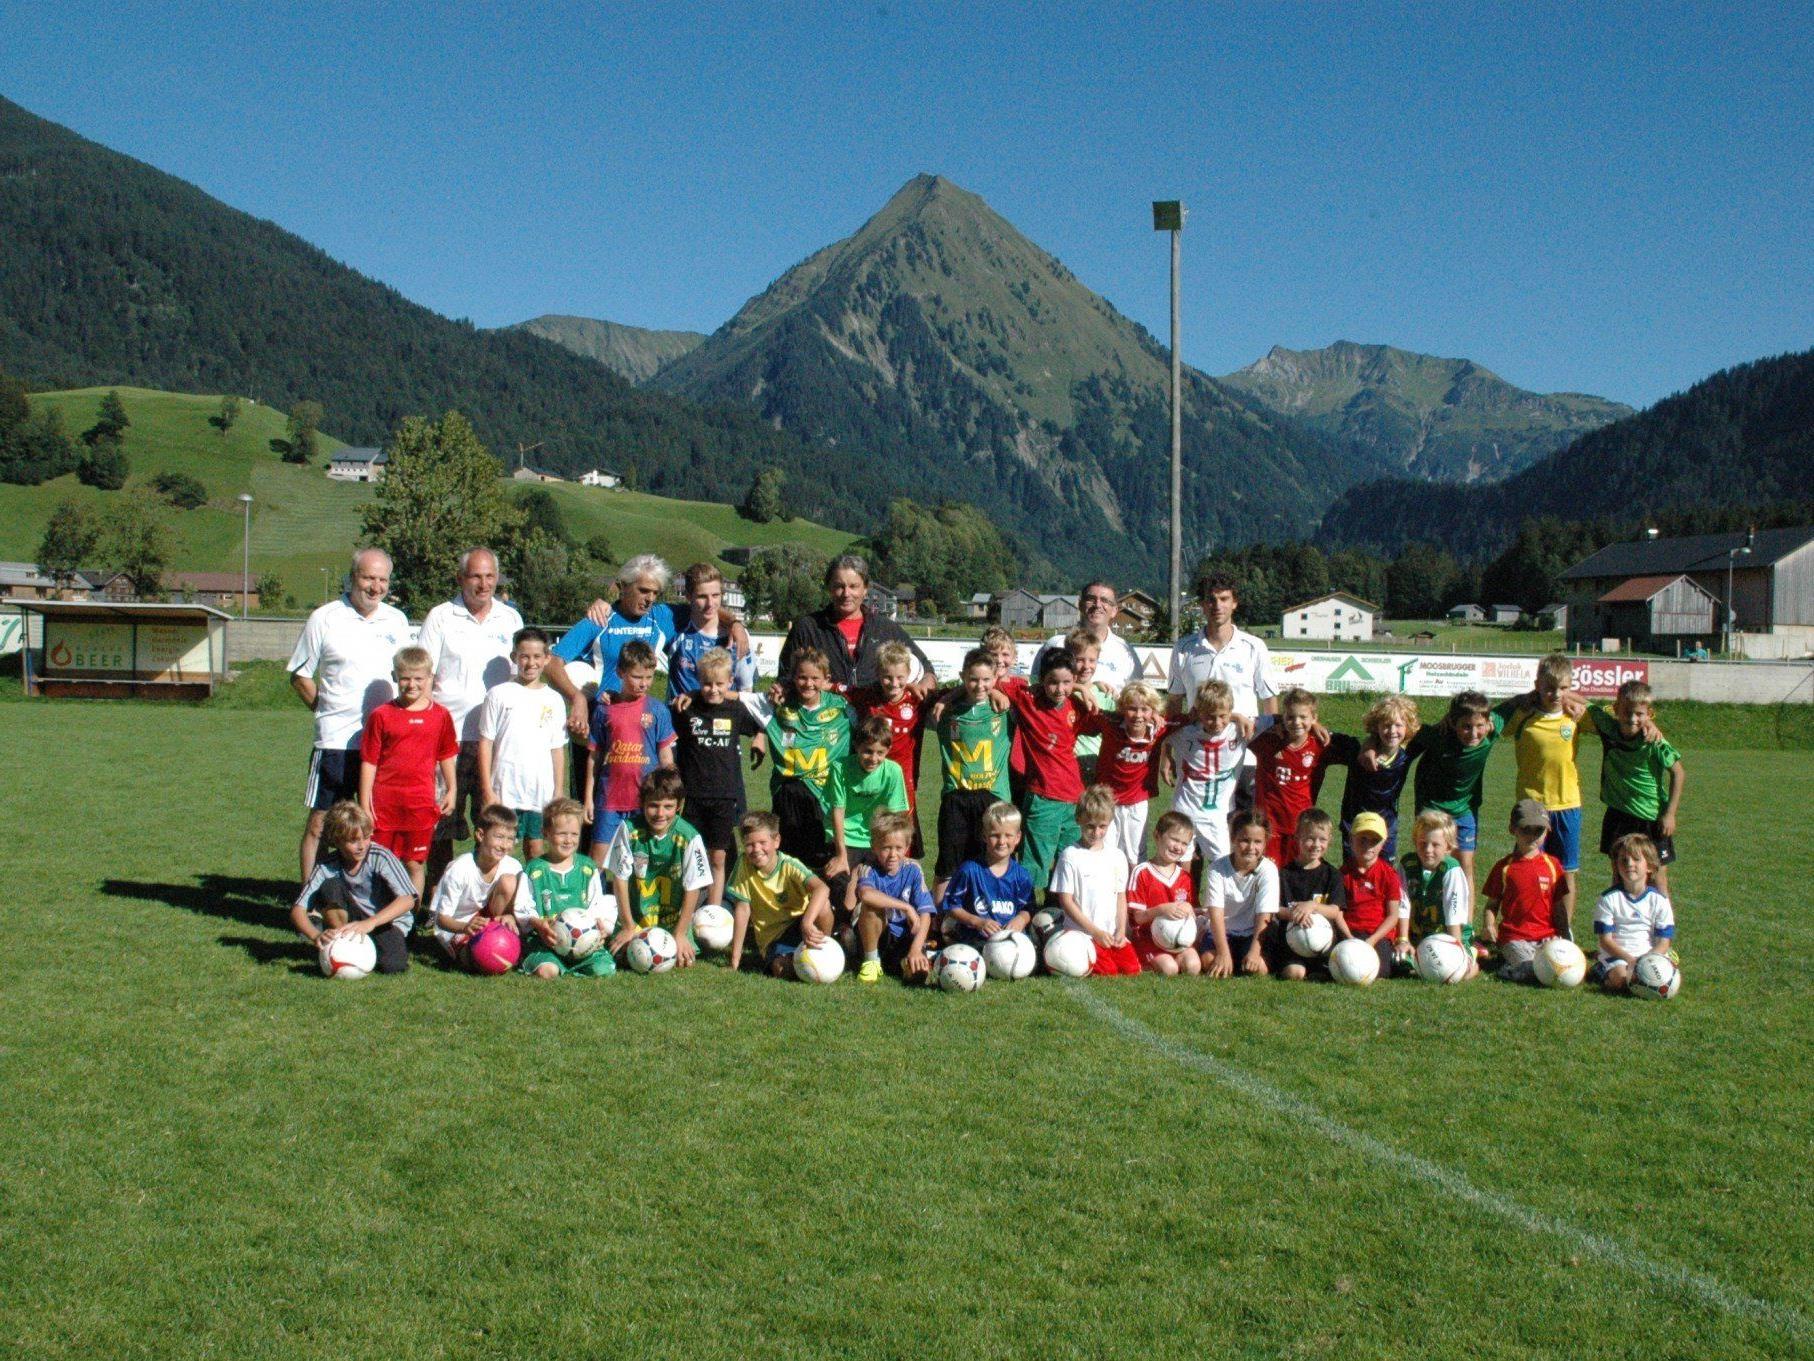 Die jungen Kicker des FC Au freuten sich über den Besuch von Didi Constantini